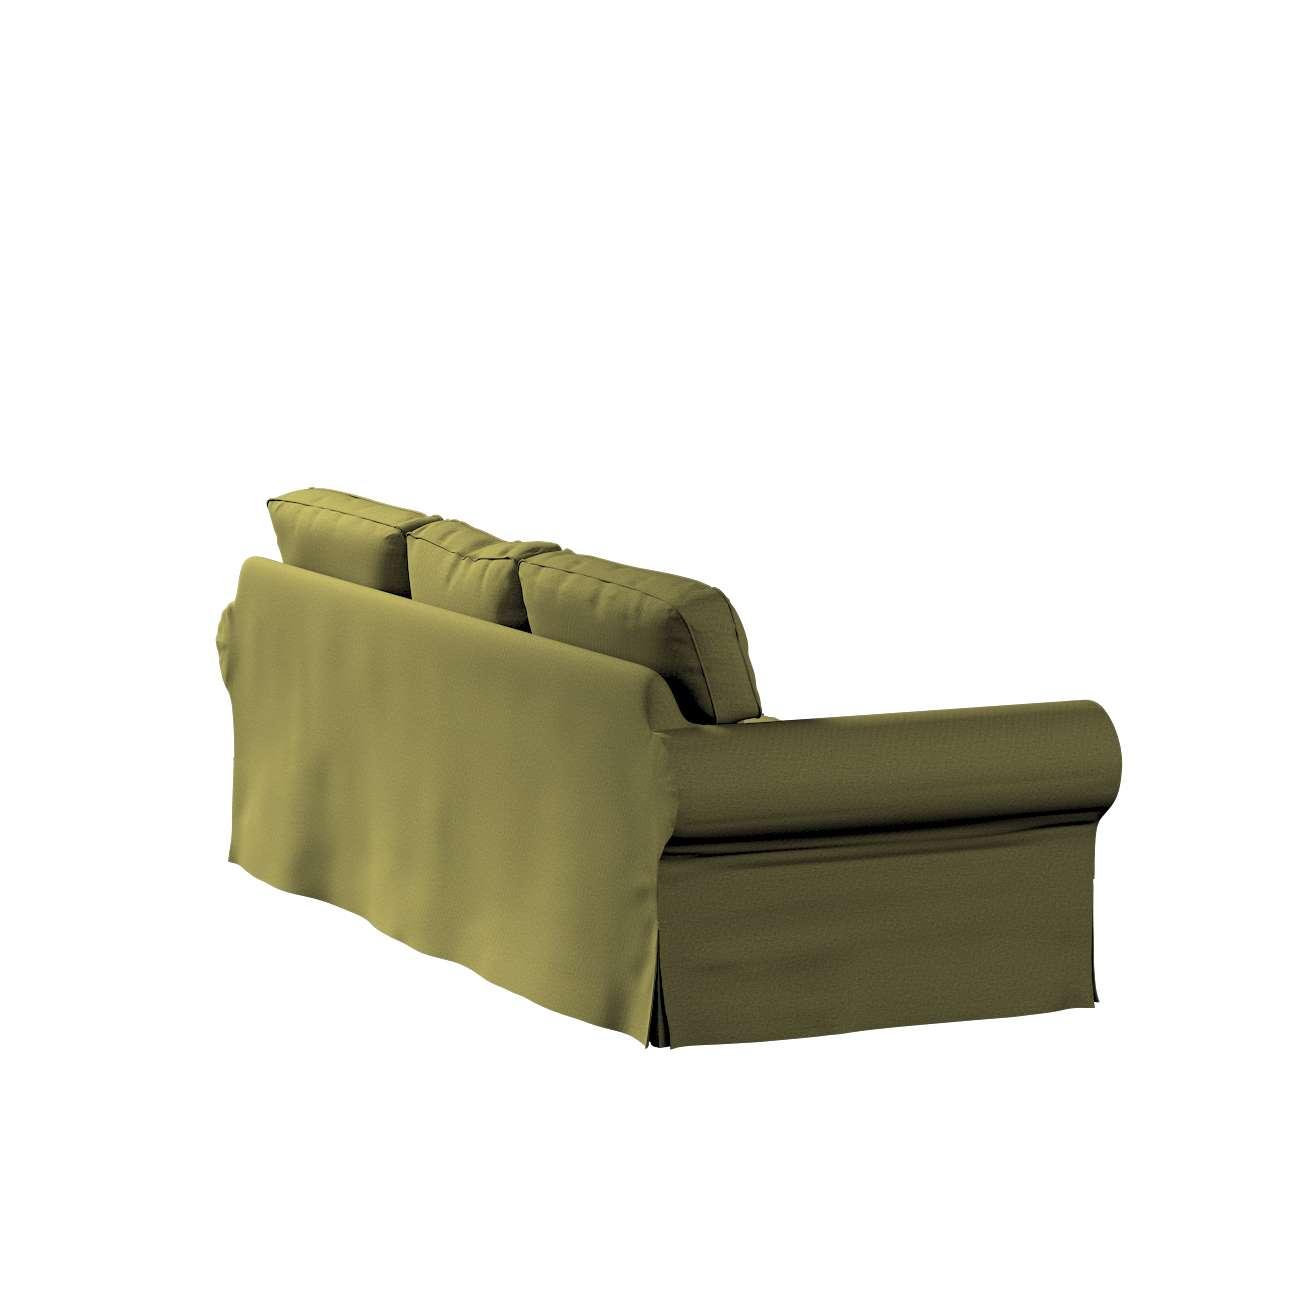 Pokrowiec na sofę Ektorp 3-osobową, rozkładaną w kolekcji Etna, tkanina: 161-26